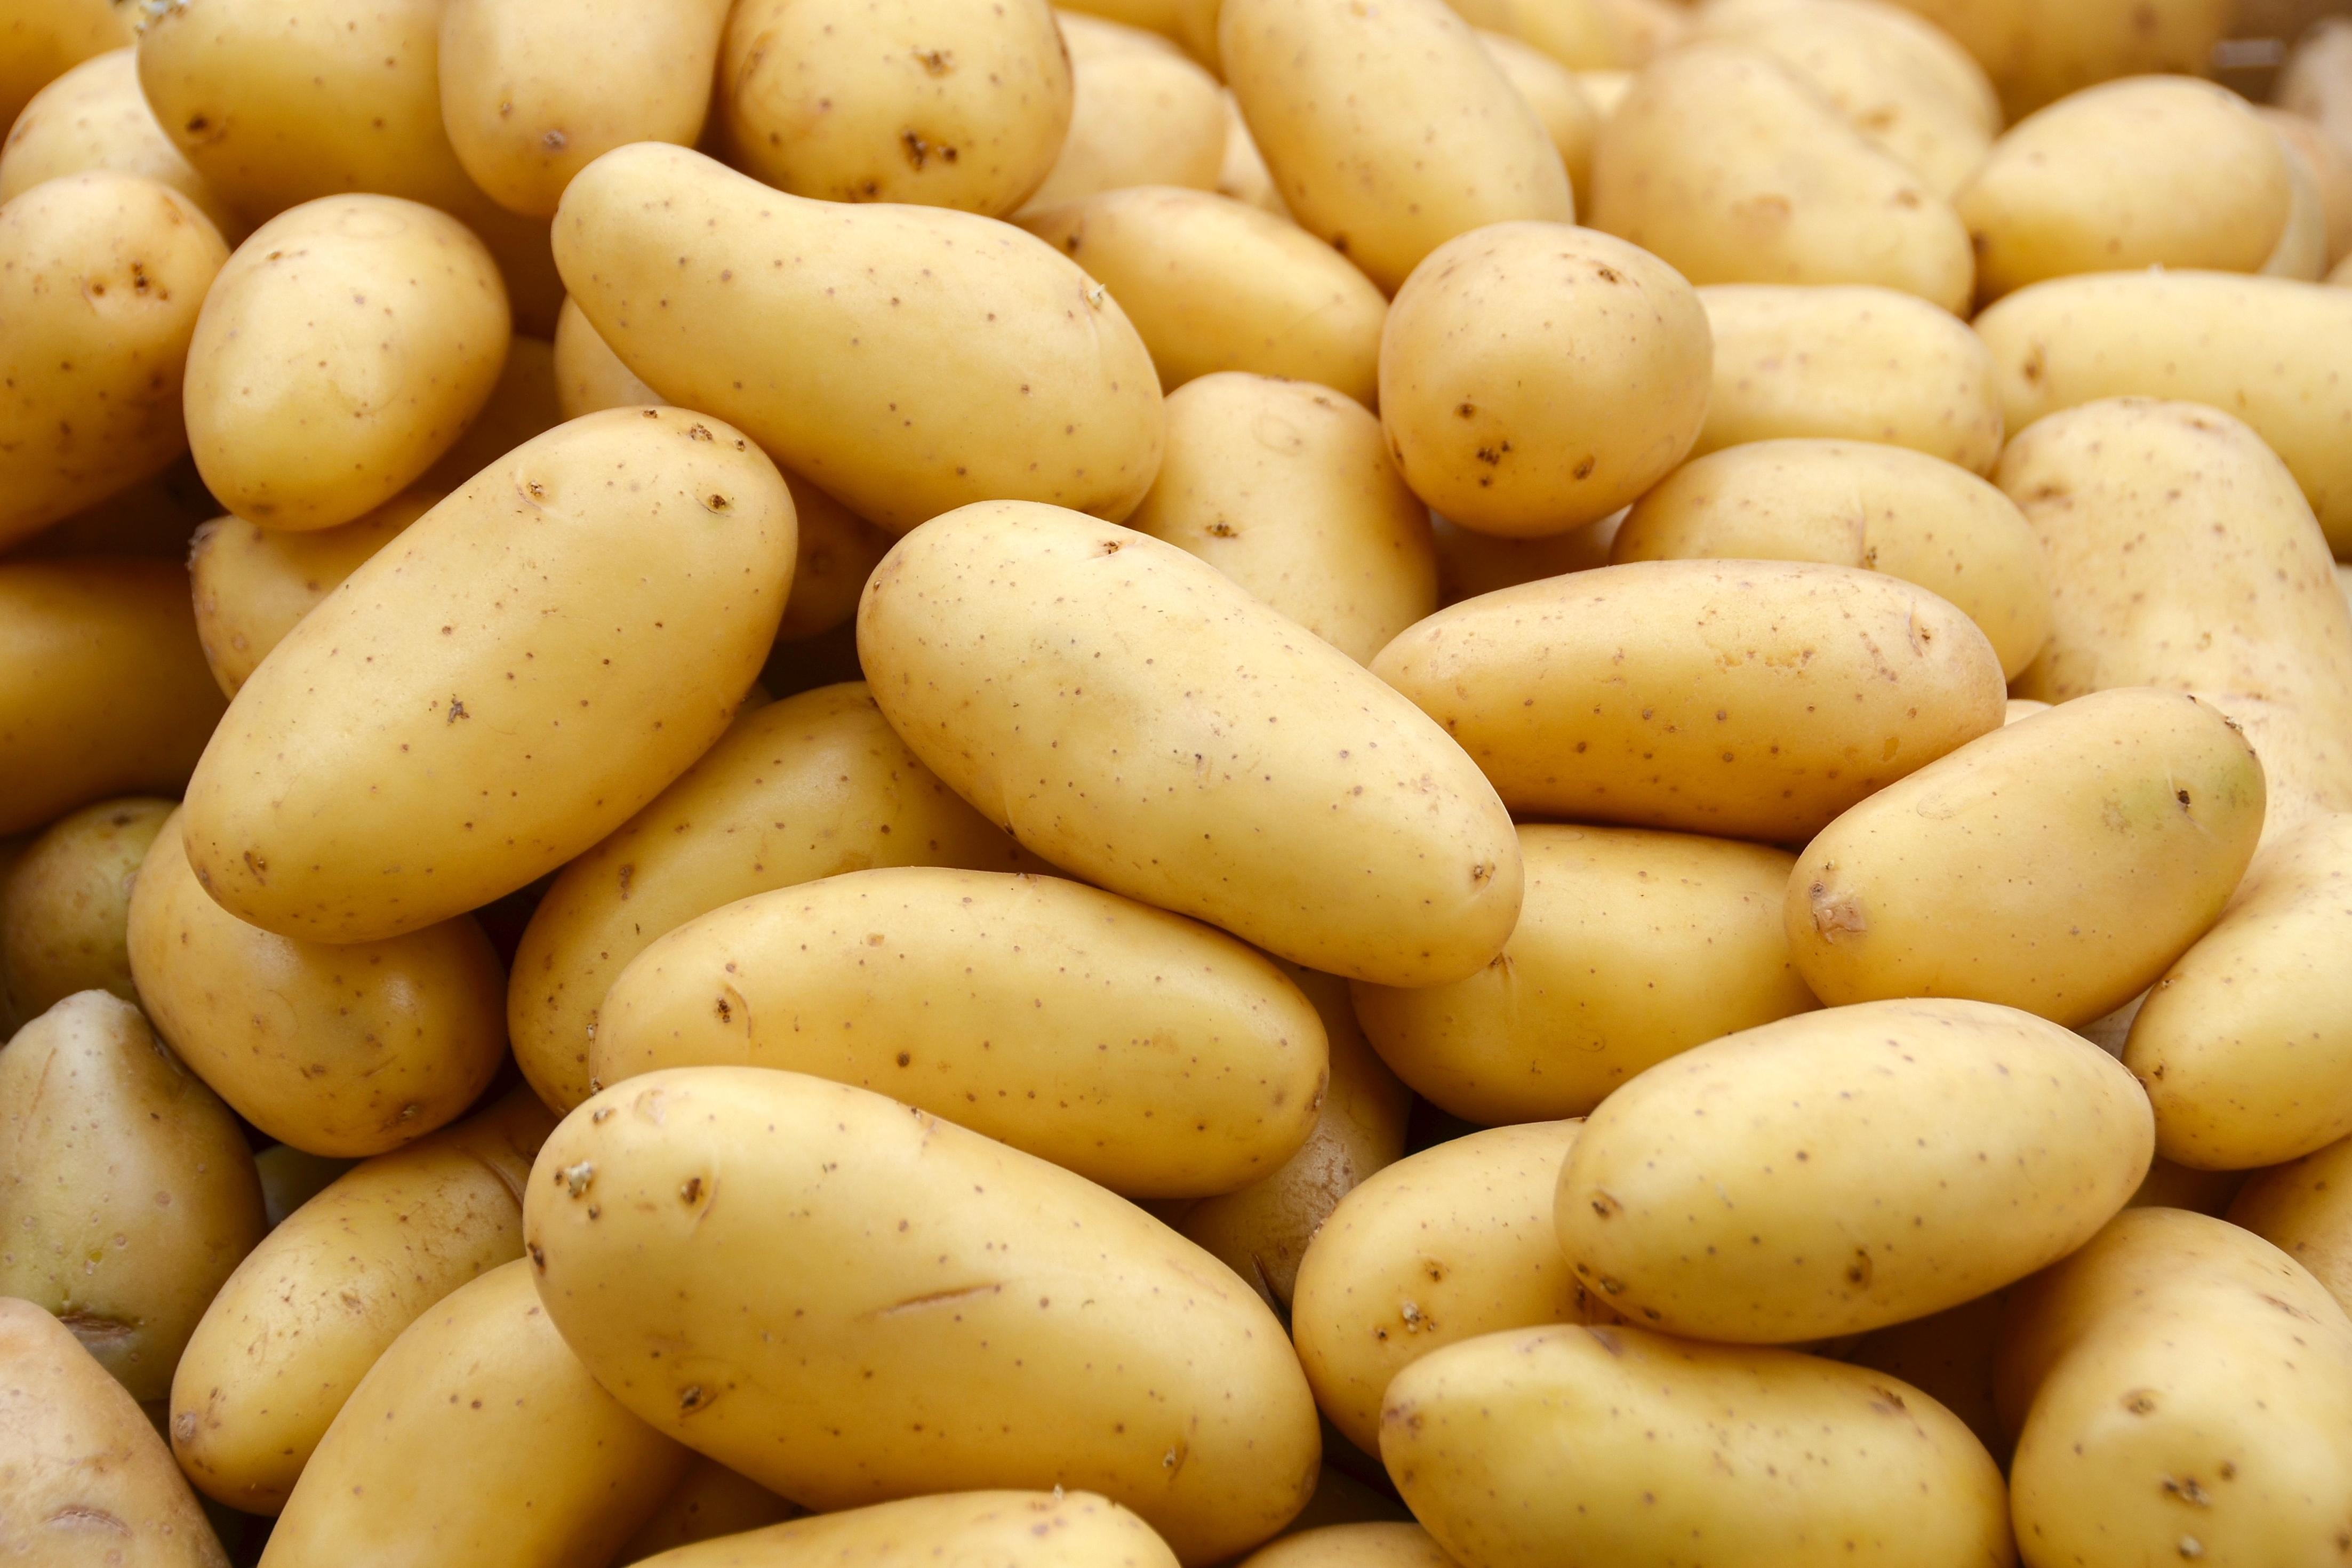 vad innehåller potatis